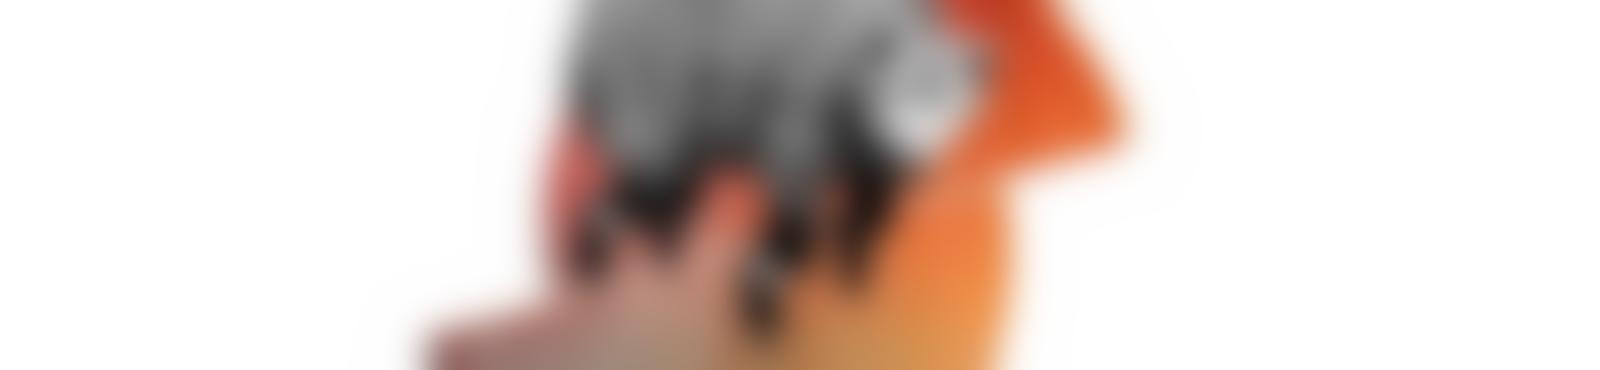 Blurred 830bfa4e ce8b 484d 943c 05a197c049df